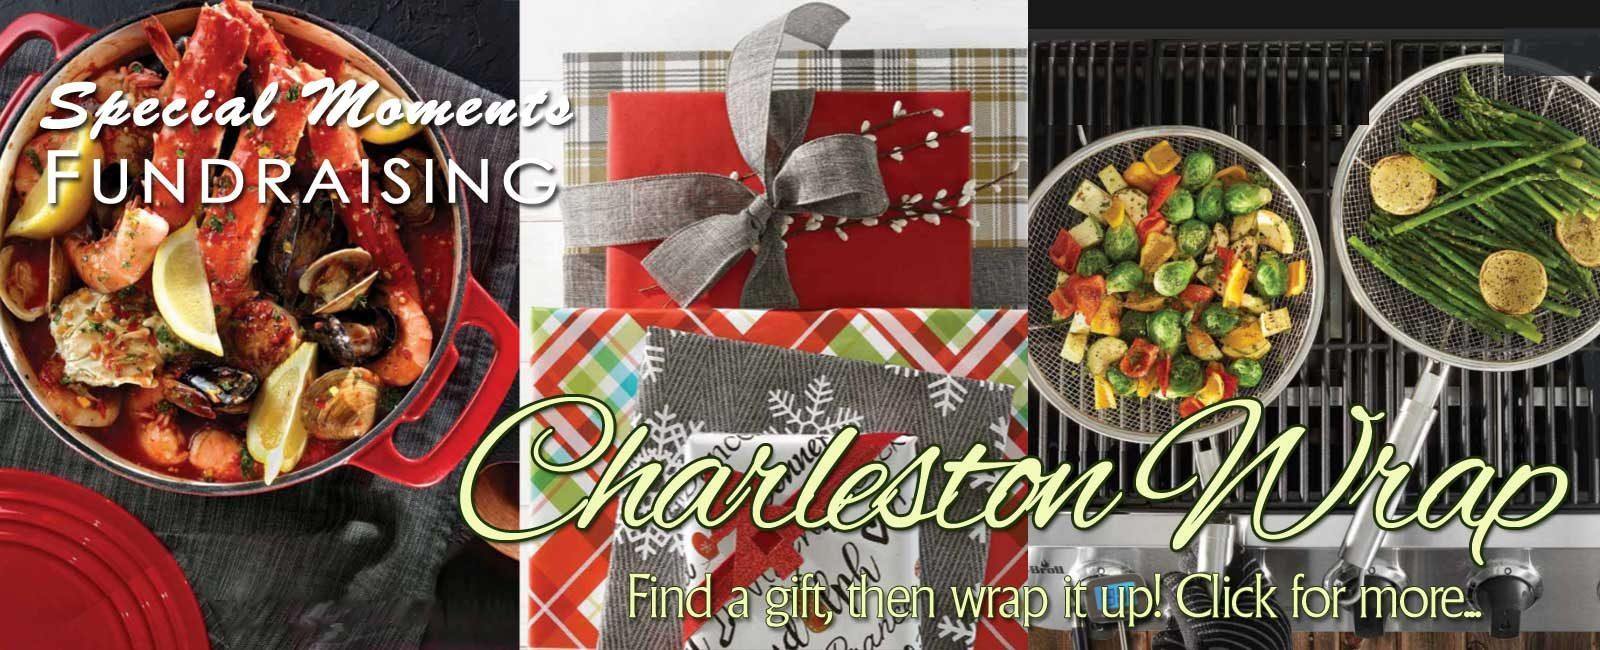 charleston-wraps4